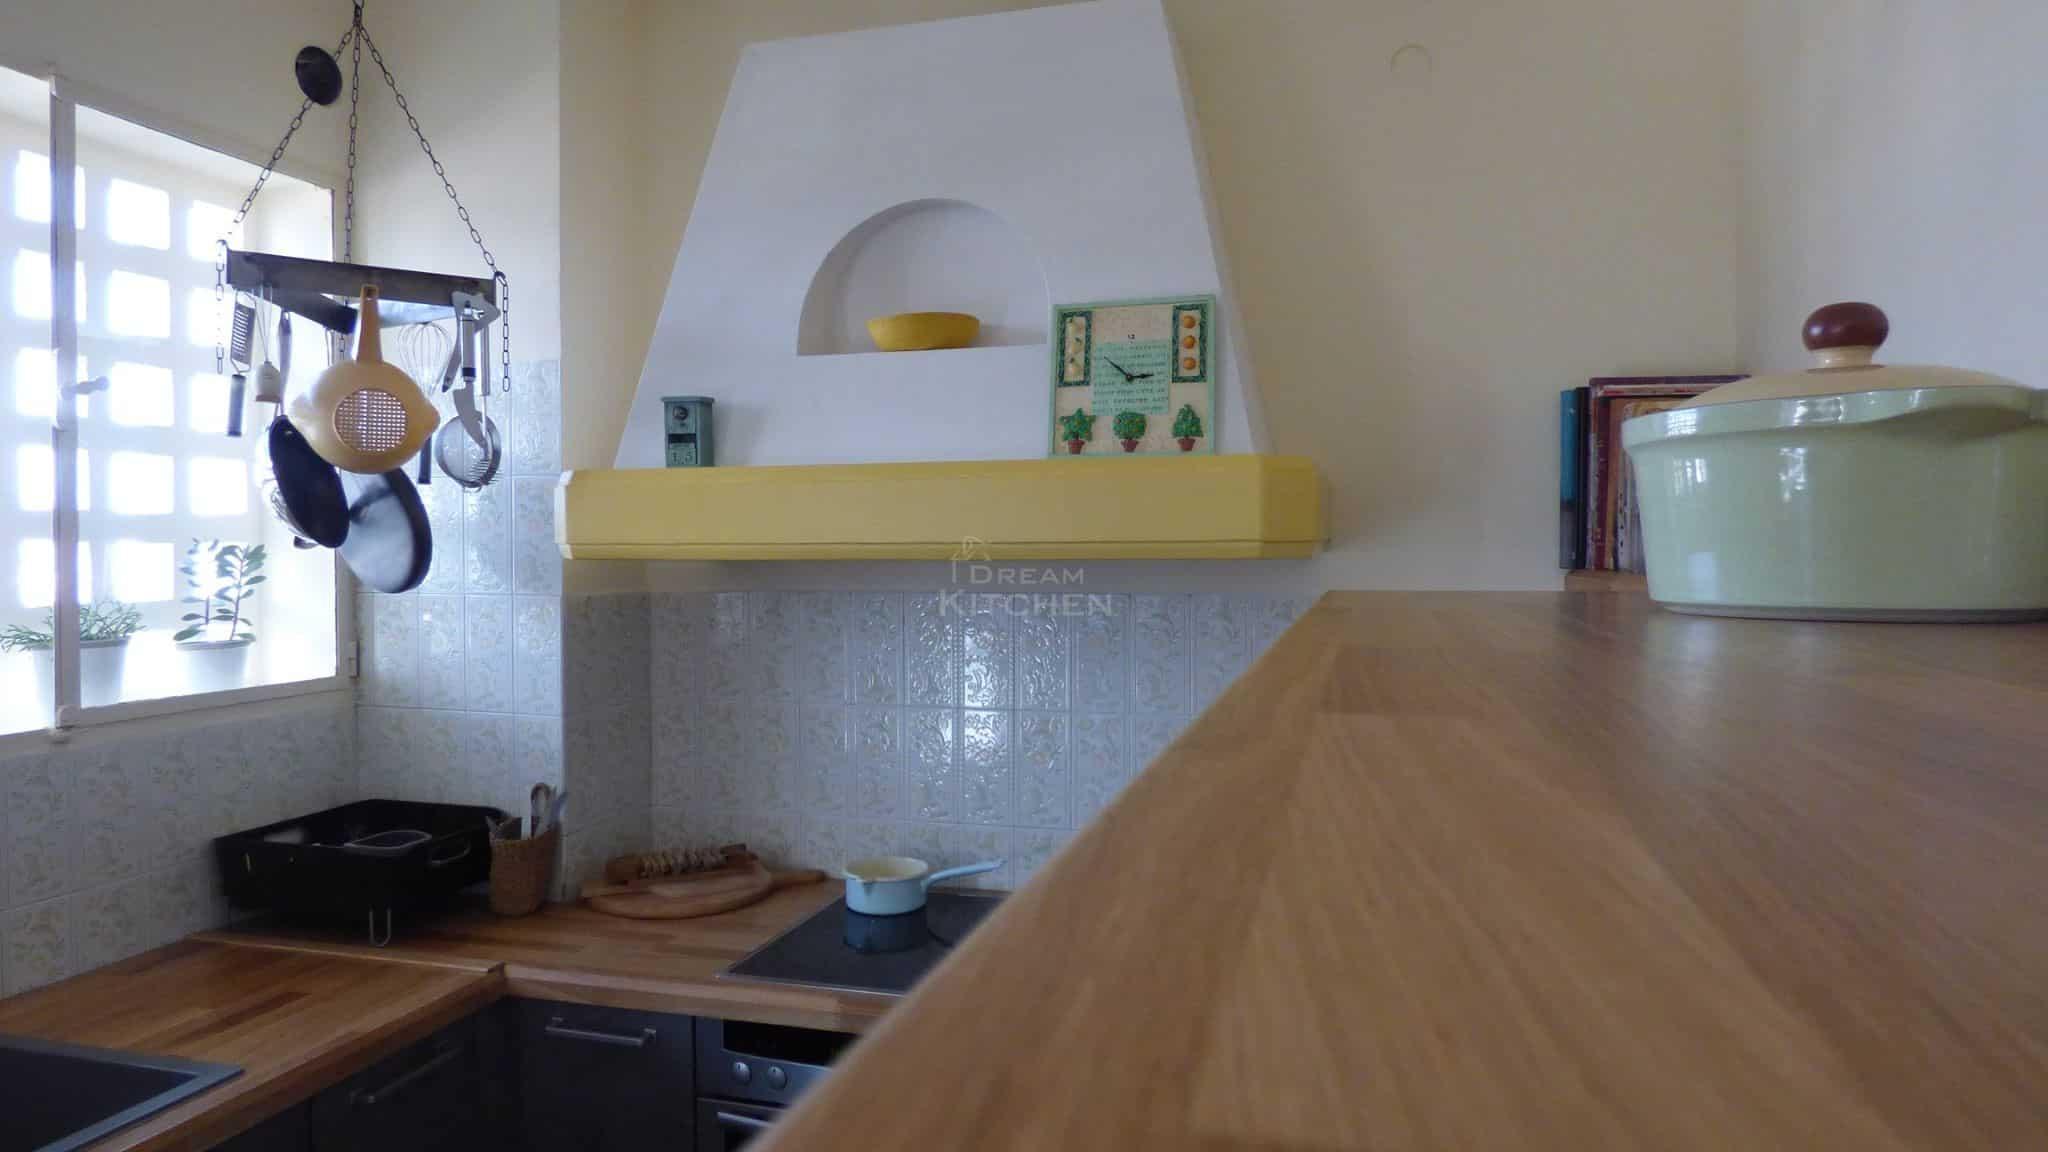 Κουζινα Τσιμεντενια με Μασιφ Παγκο 8